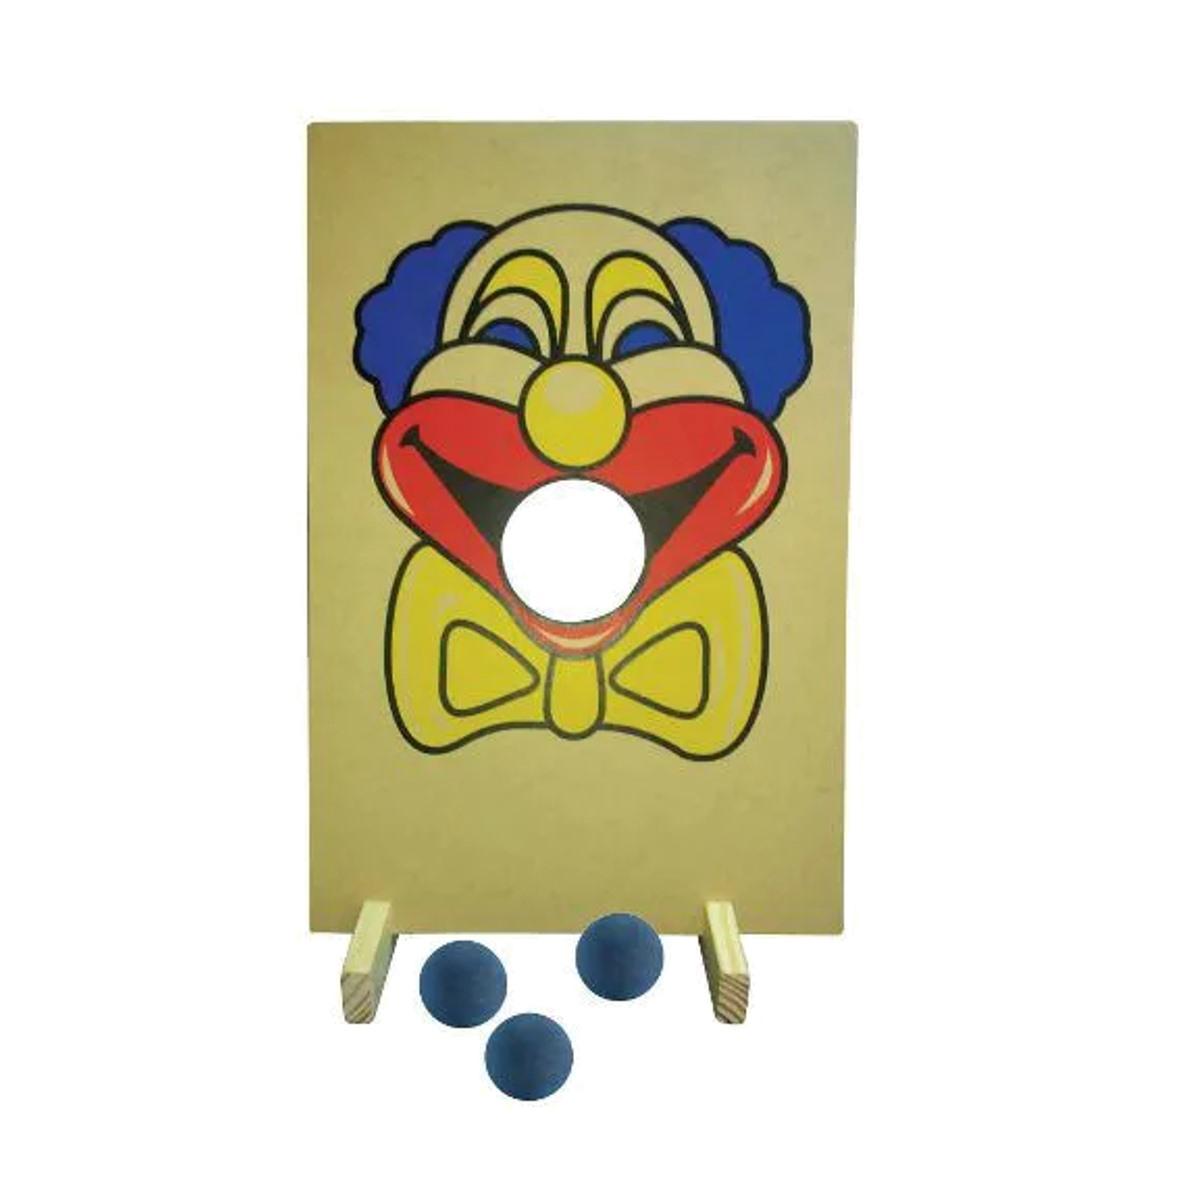 Brinquedos Educativos - Jogo Palhaço Bocão 52x35cm 3 Bolas